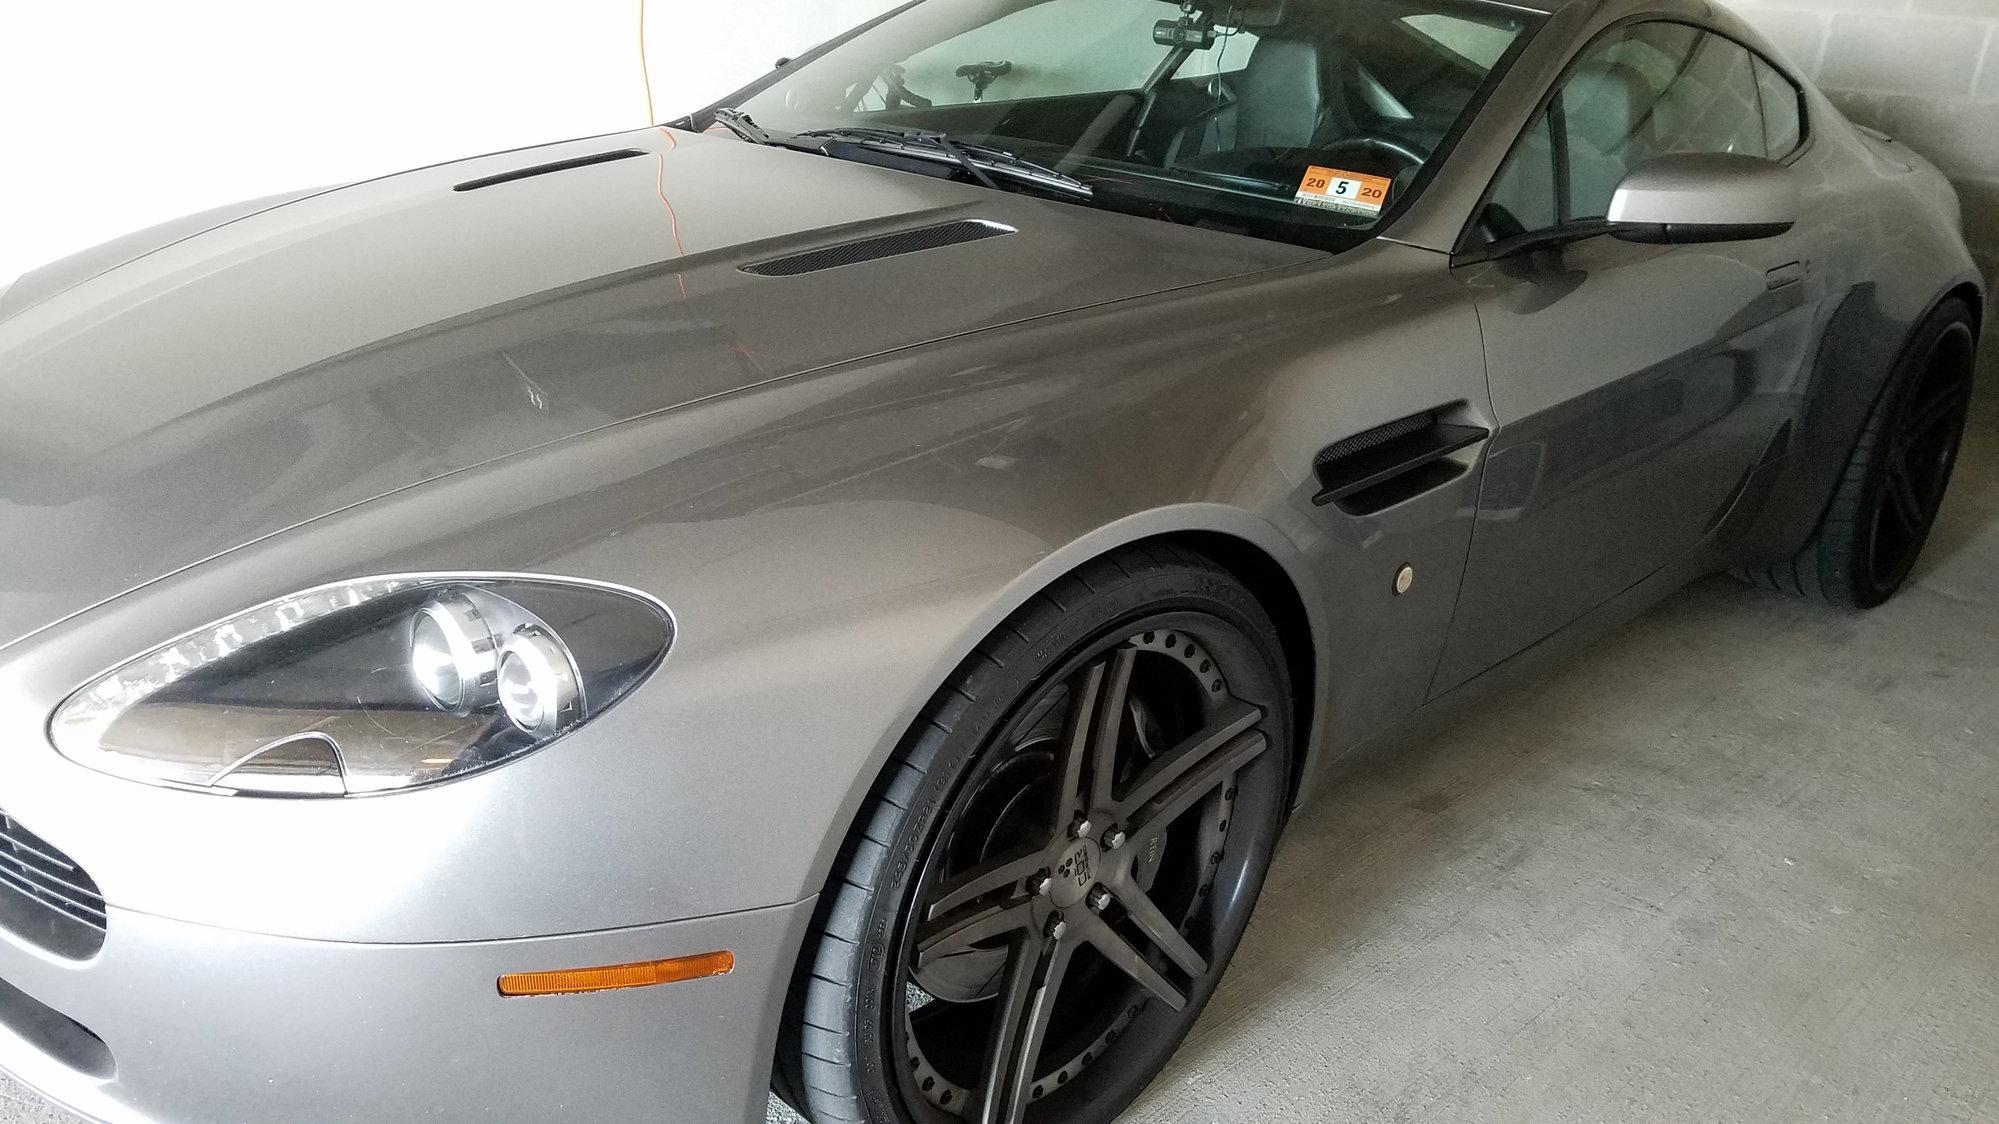 2006 Aston Martin V8 Vantage Manual 6speedonline Porsche Forum And Luxury Car Resource